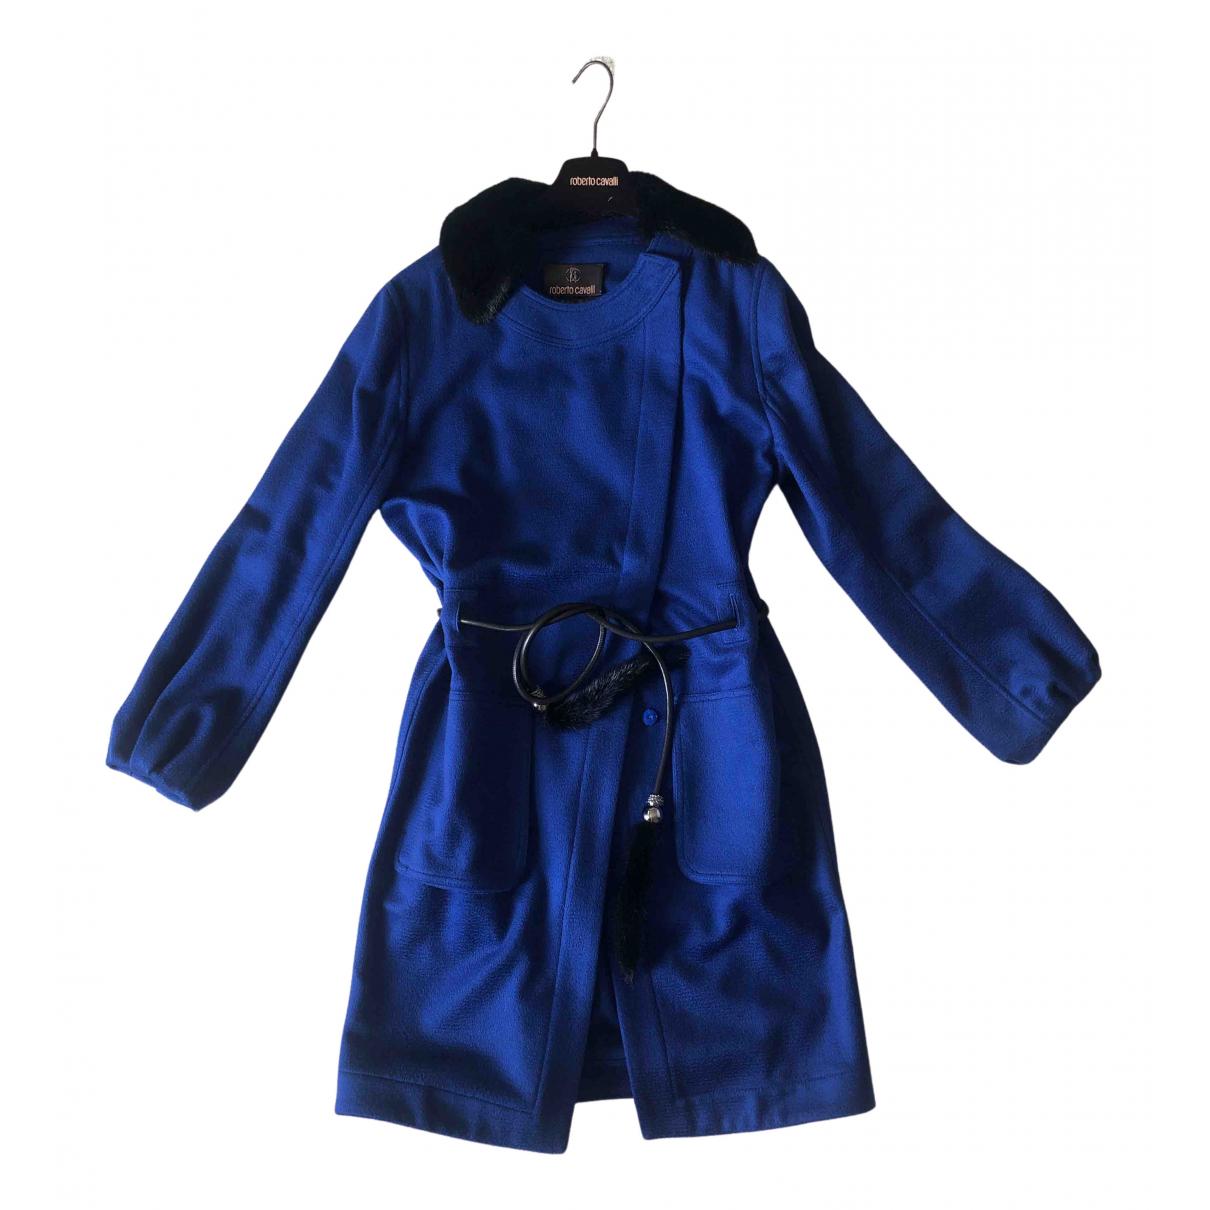 Roberto Cavalli - Manteau   pour femme en laine - bleu